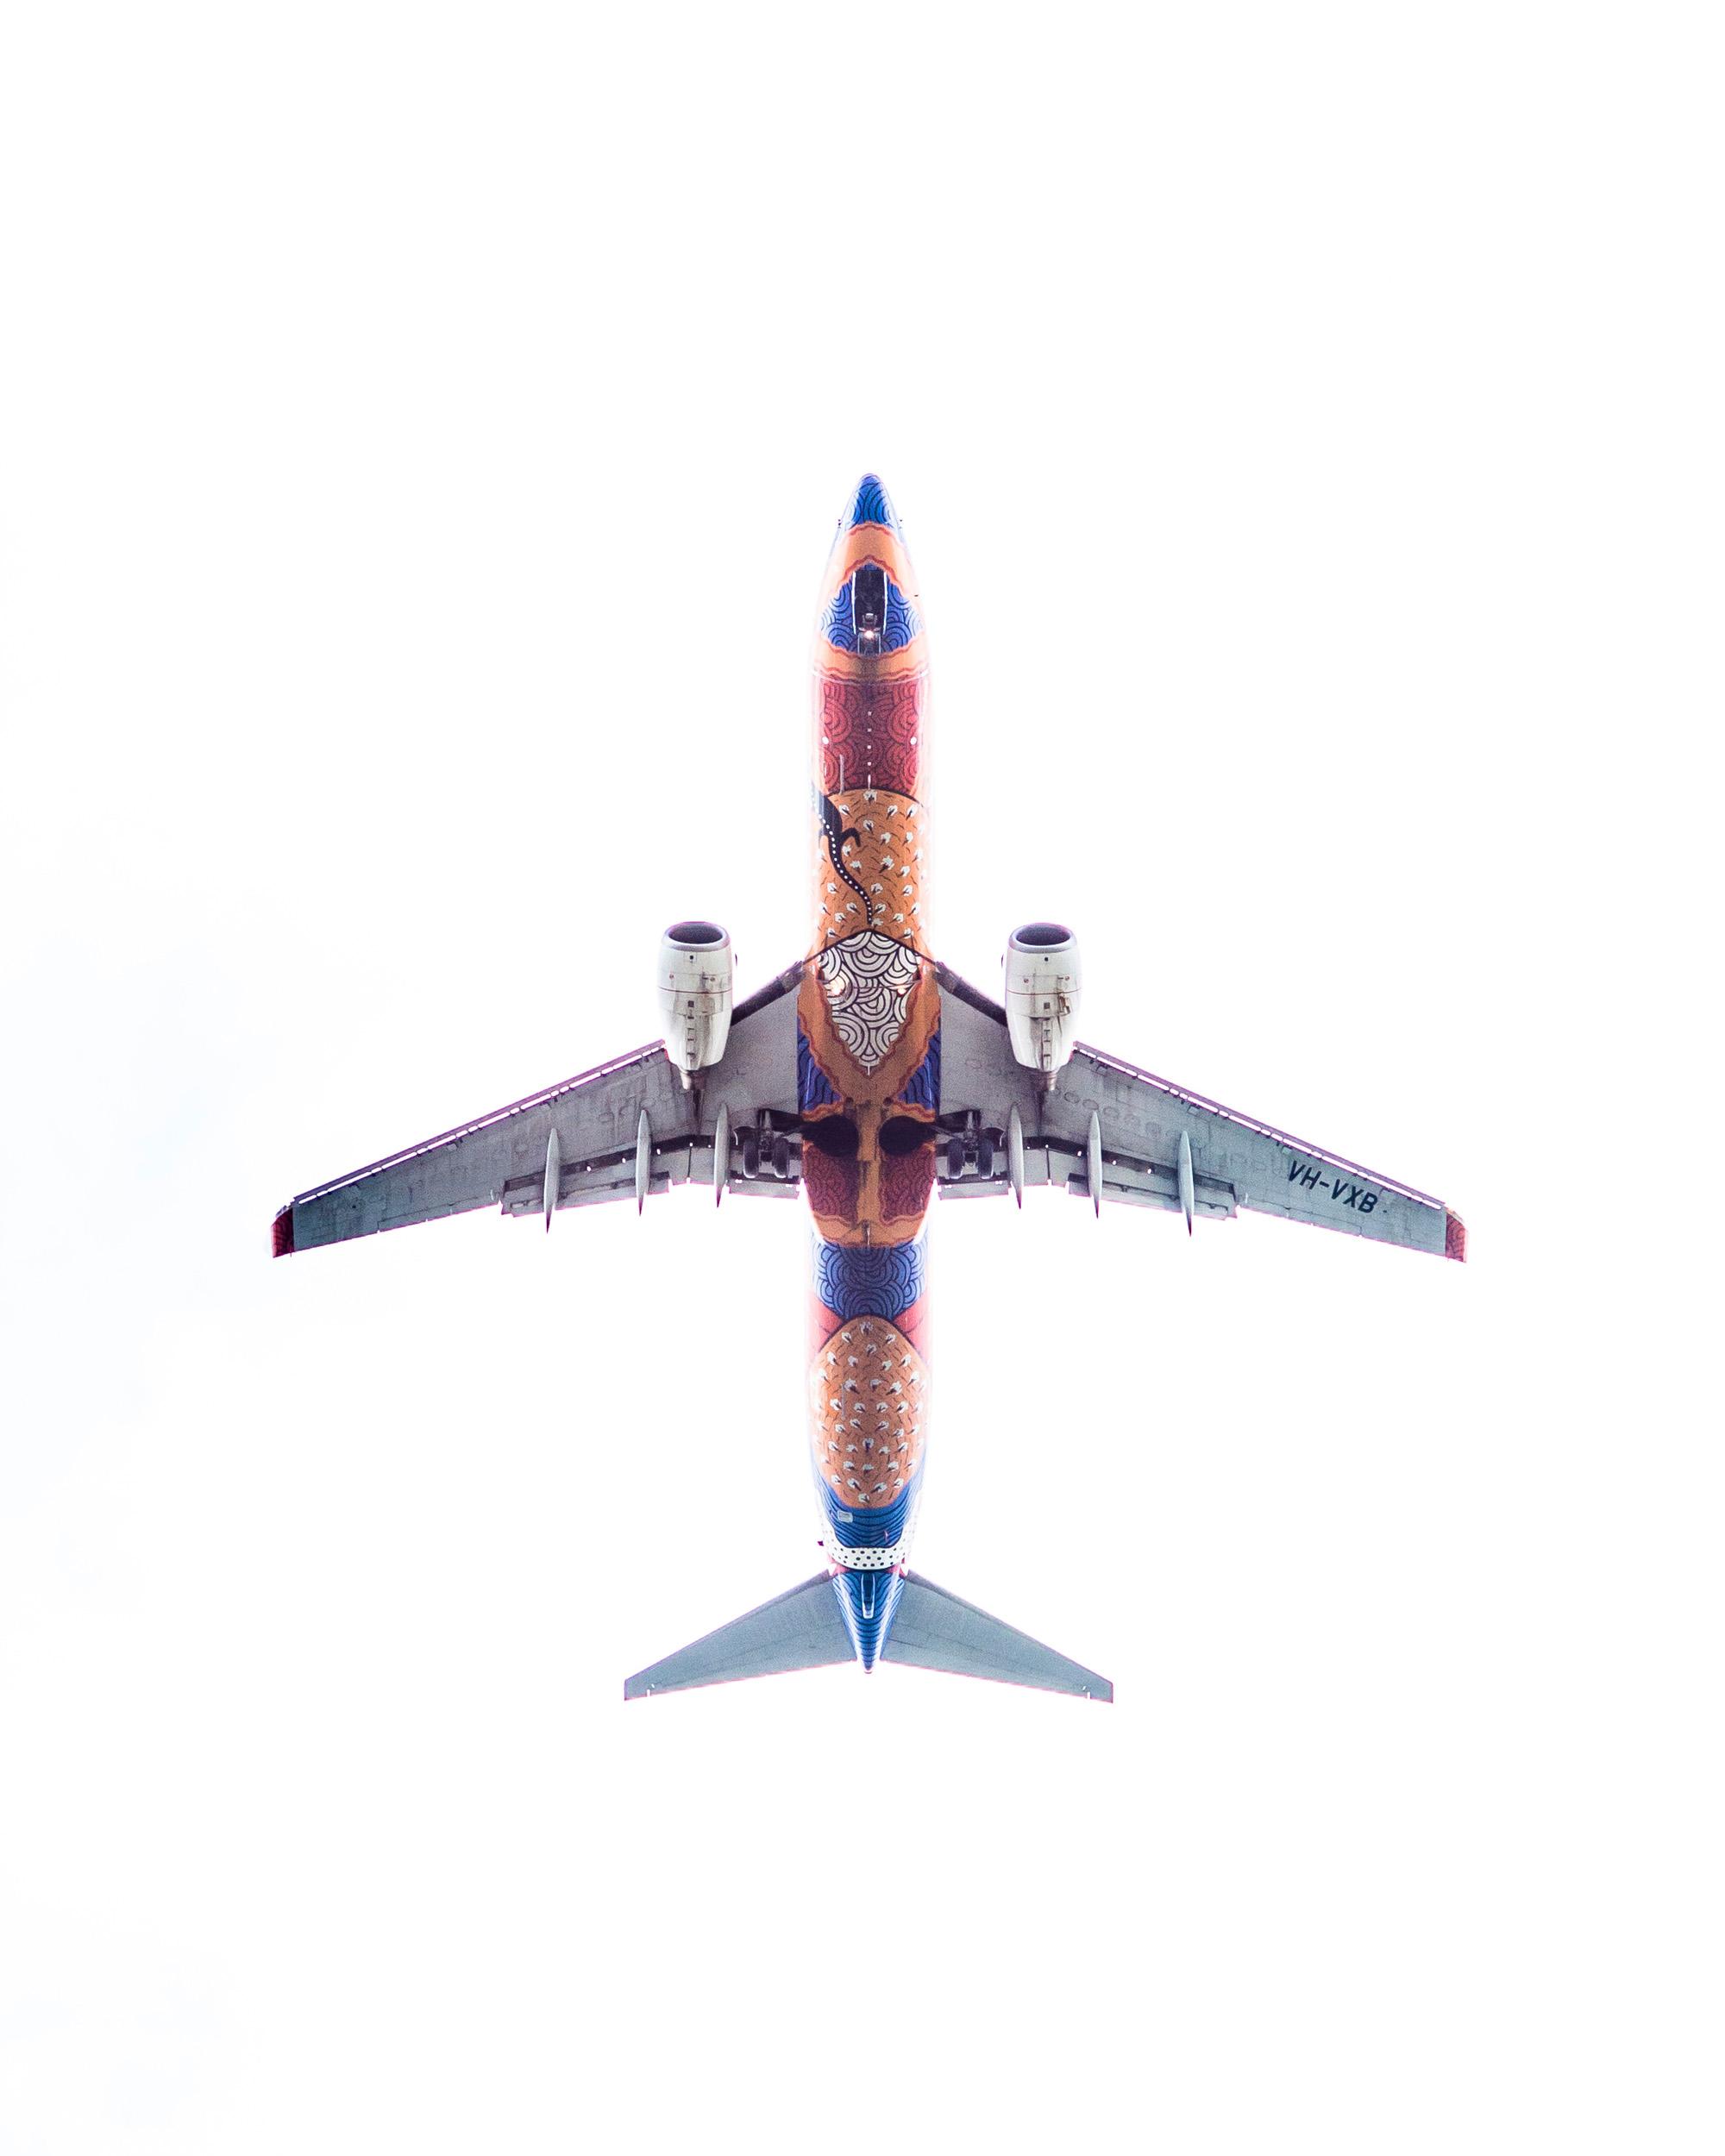 simon.casson.adelaide.aviation.photographer.014.jpg